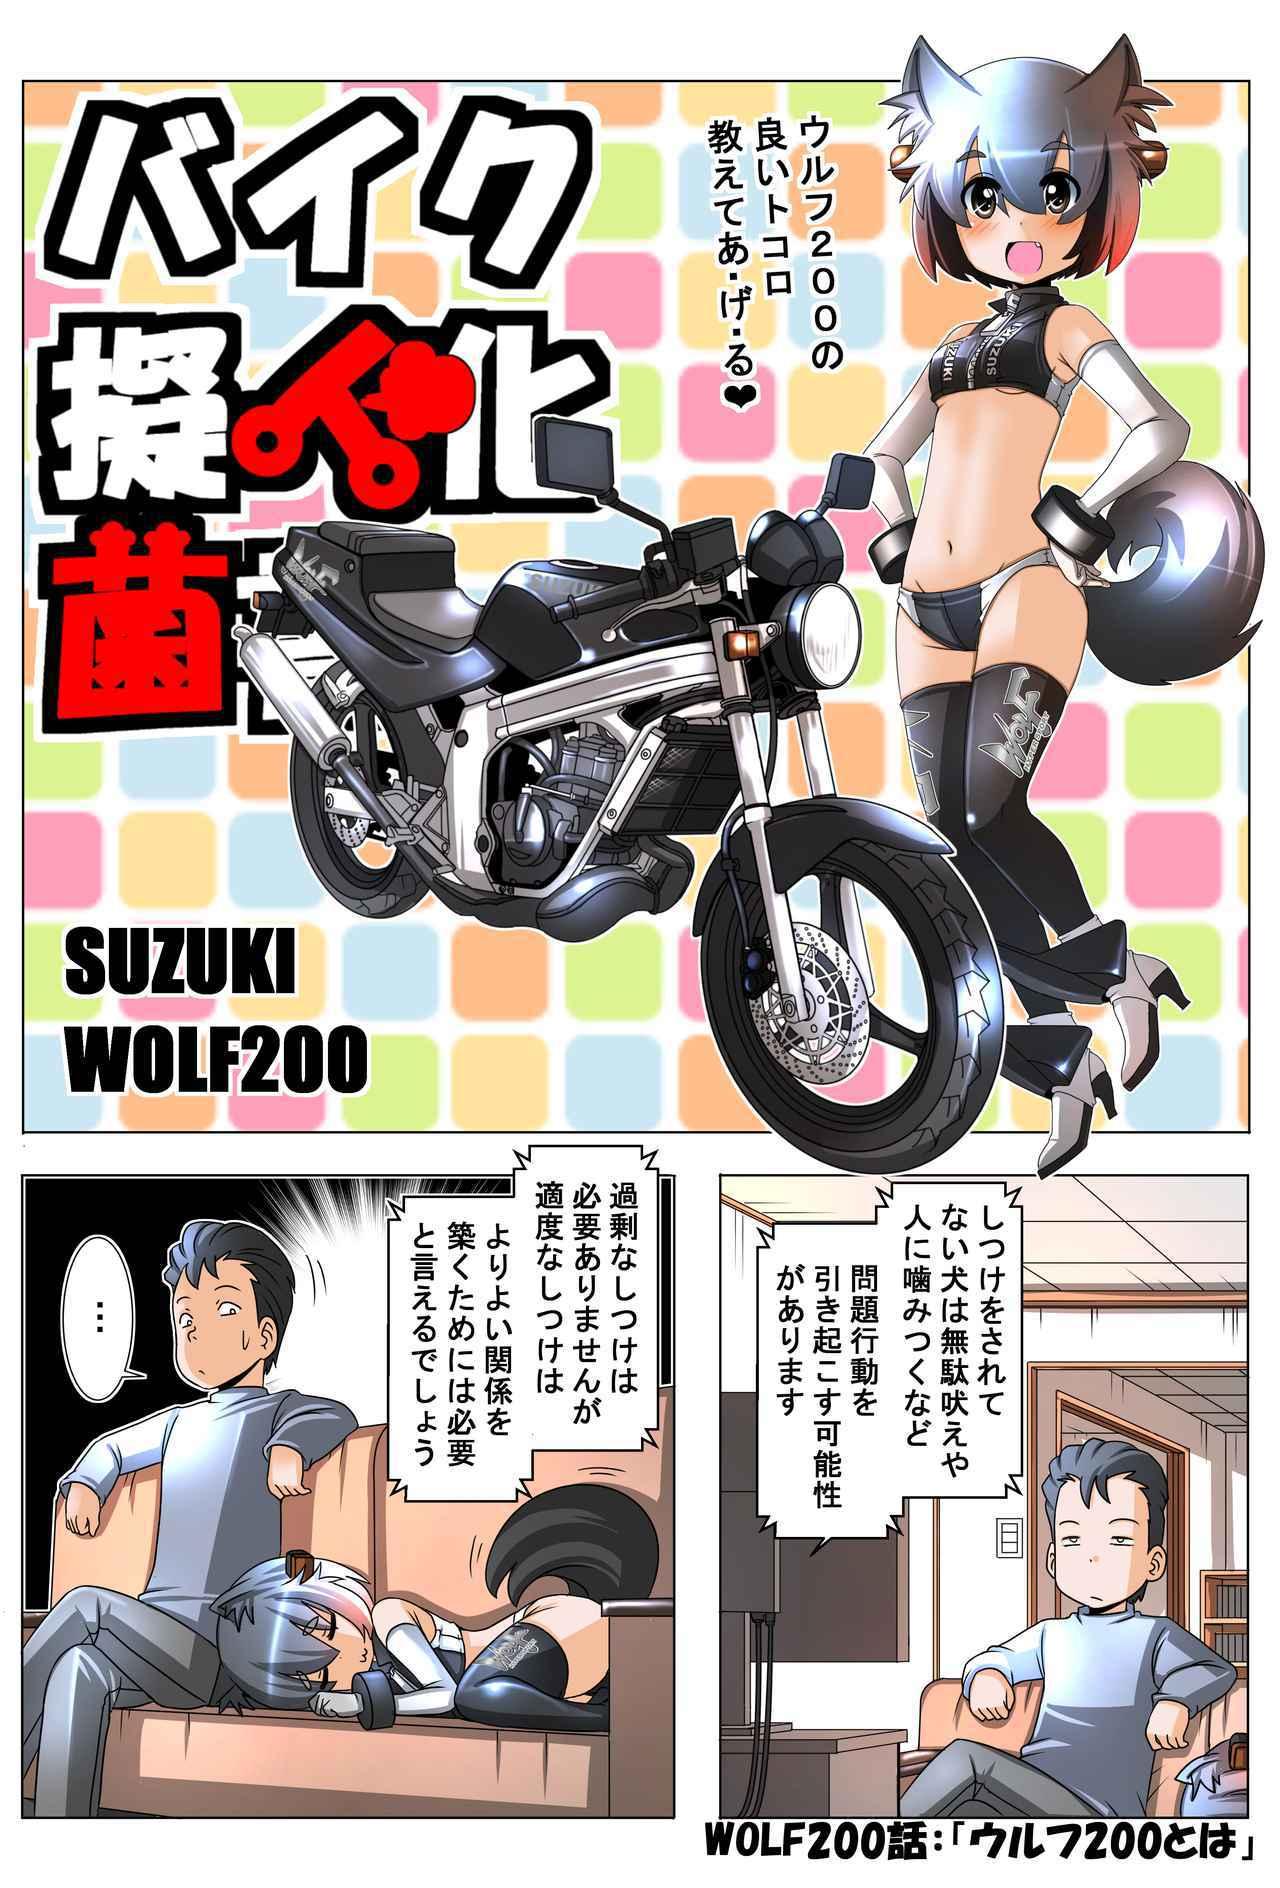 画像1: 『バイク擬人化菌書』WOLF200 話「ウルフ200とは」 作:鈴木秀吉